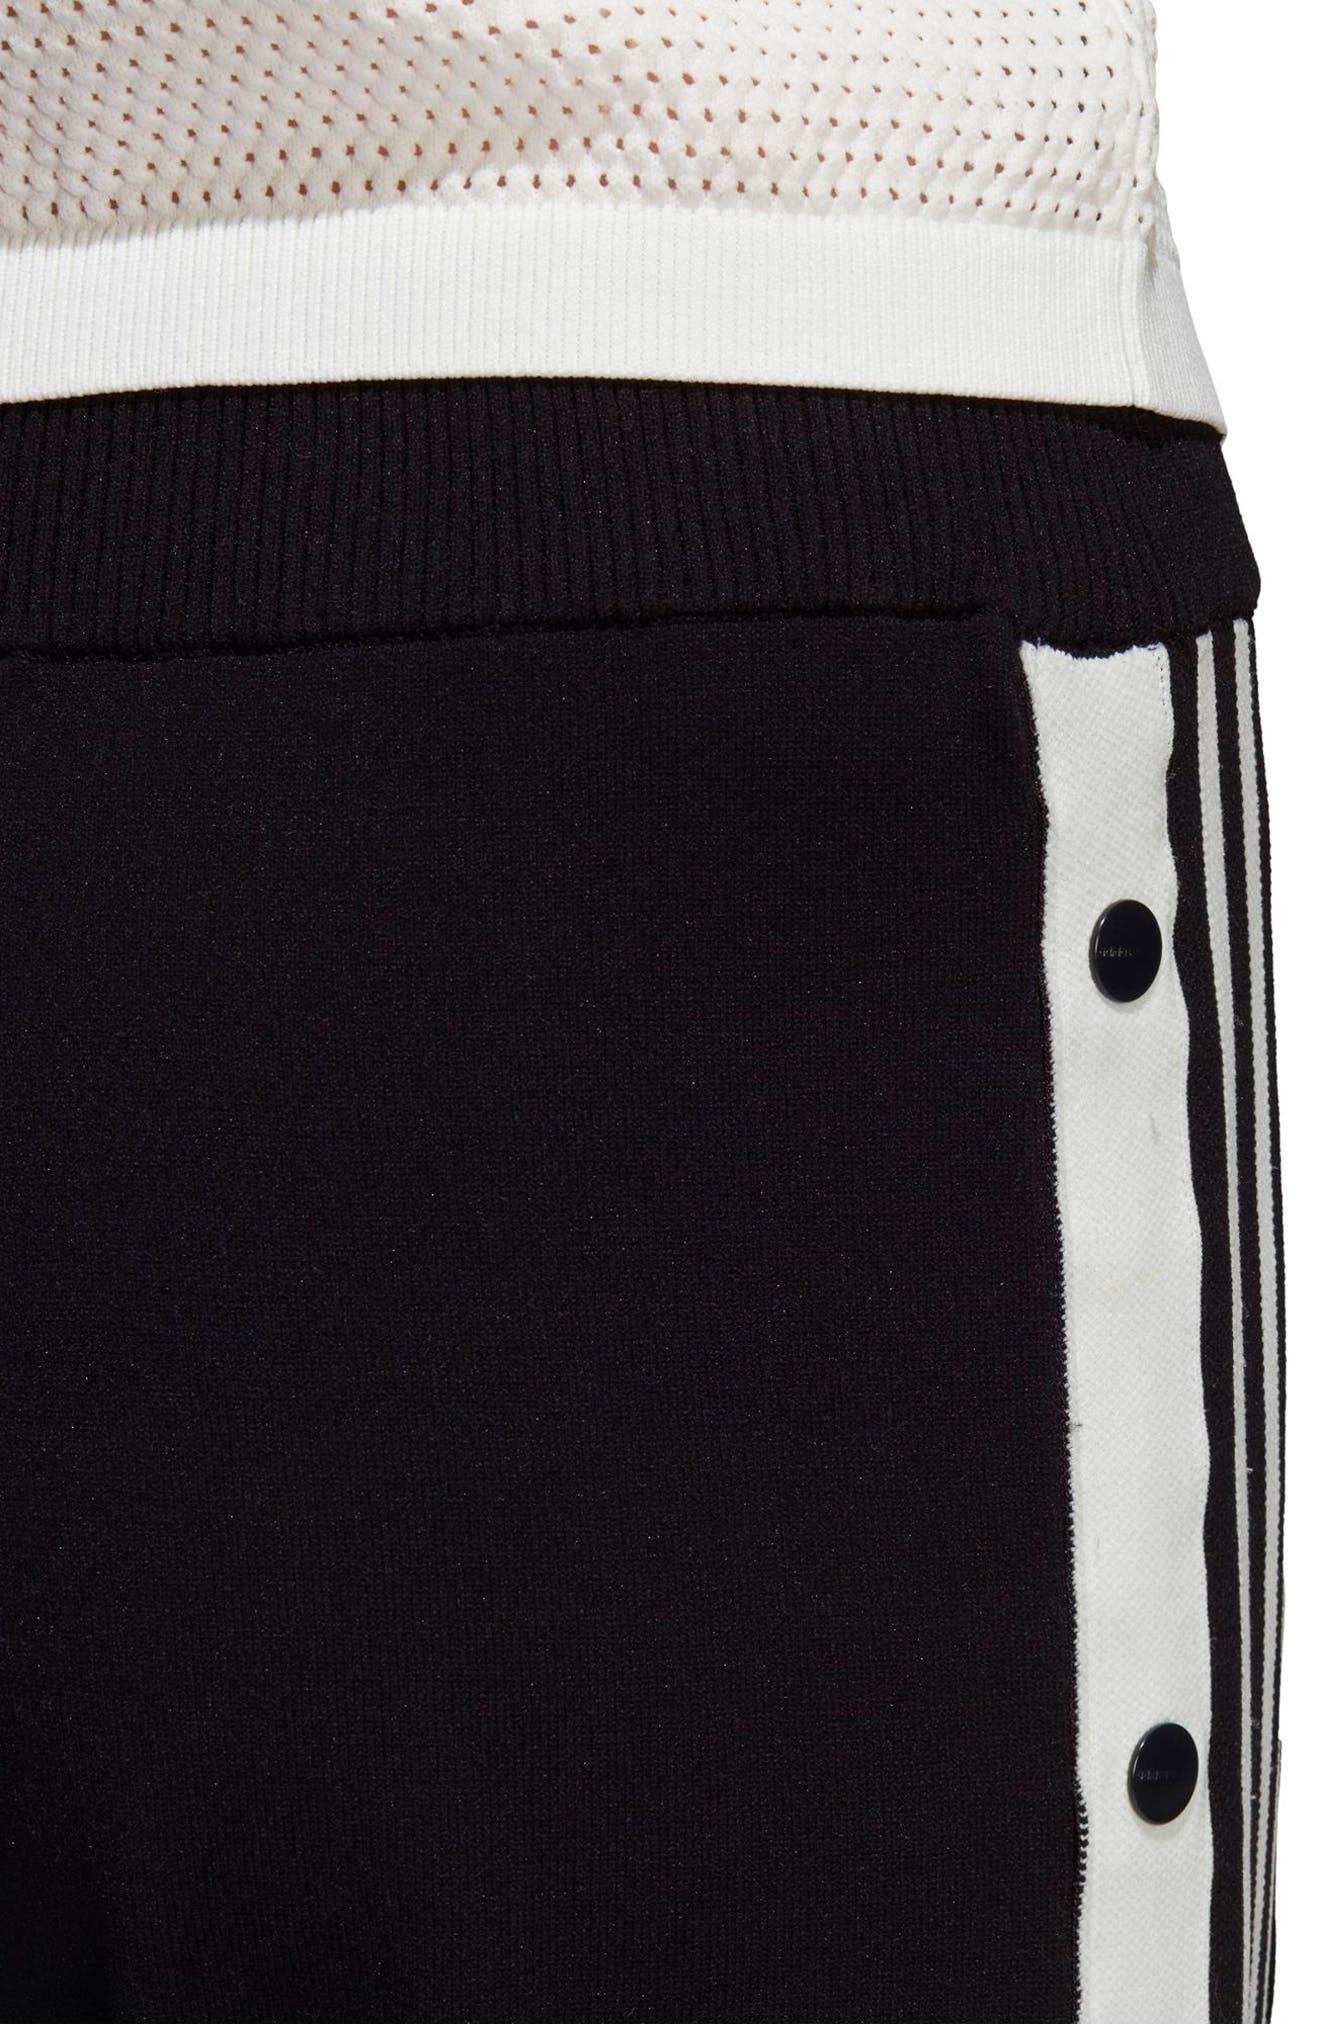 Adibreak Track Pants,                             Alternate thumbnail 6, color,                             BLACK